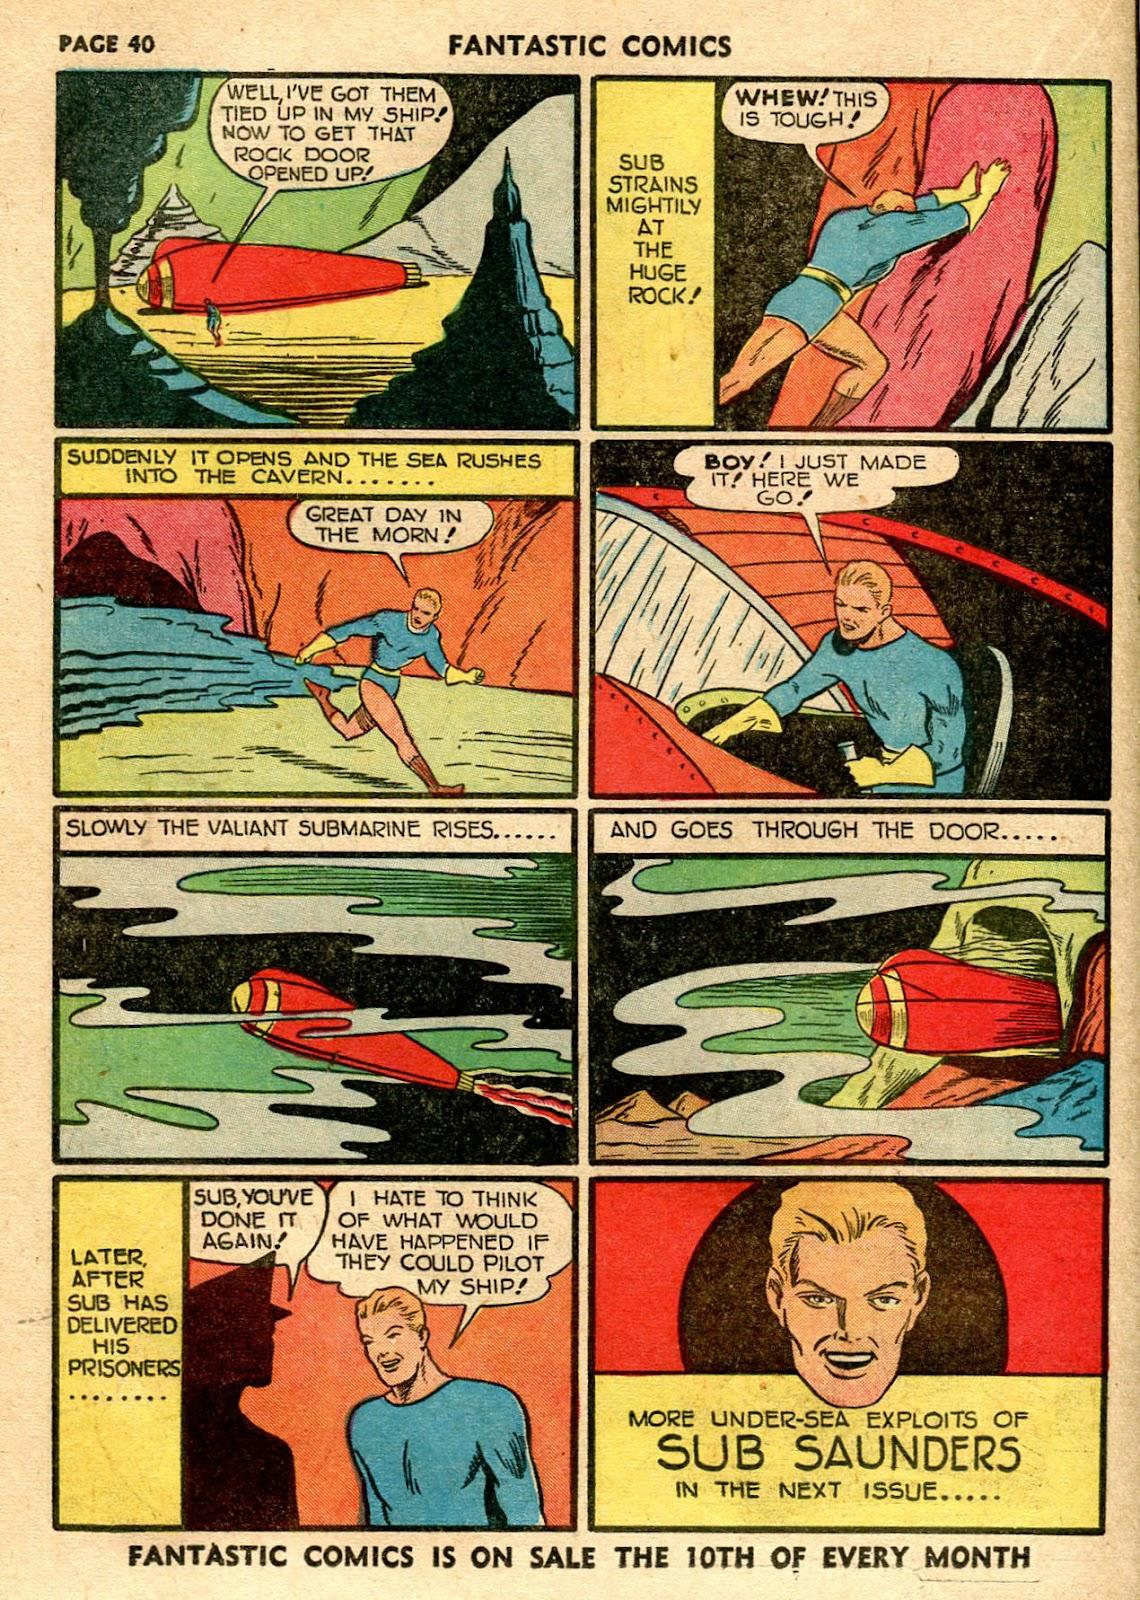 Read online Fantastic Comics comic -  Issue #21 - 38